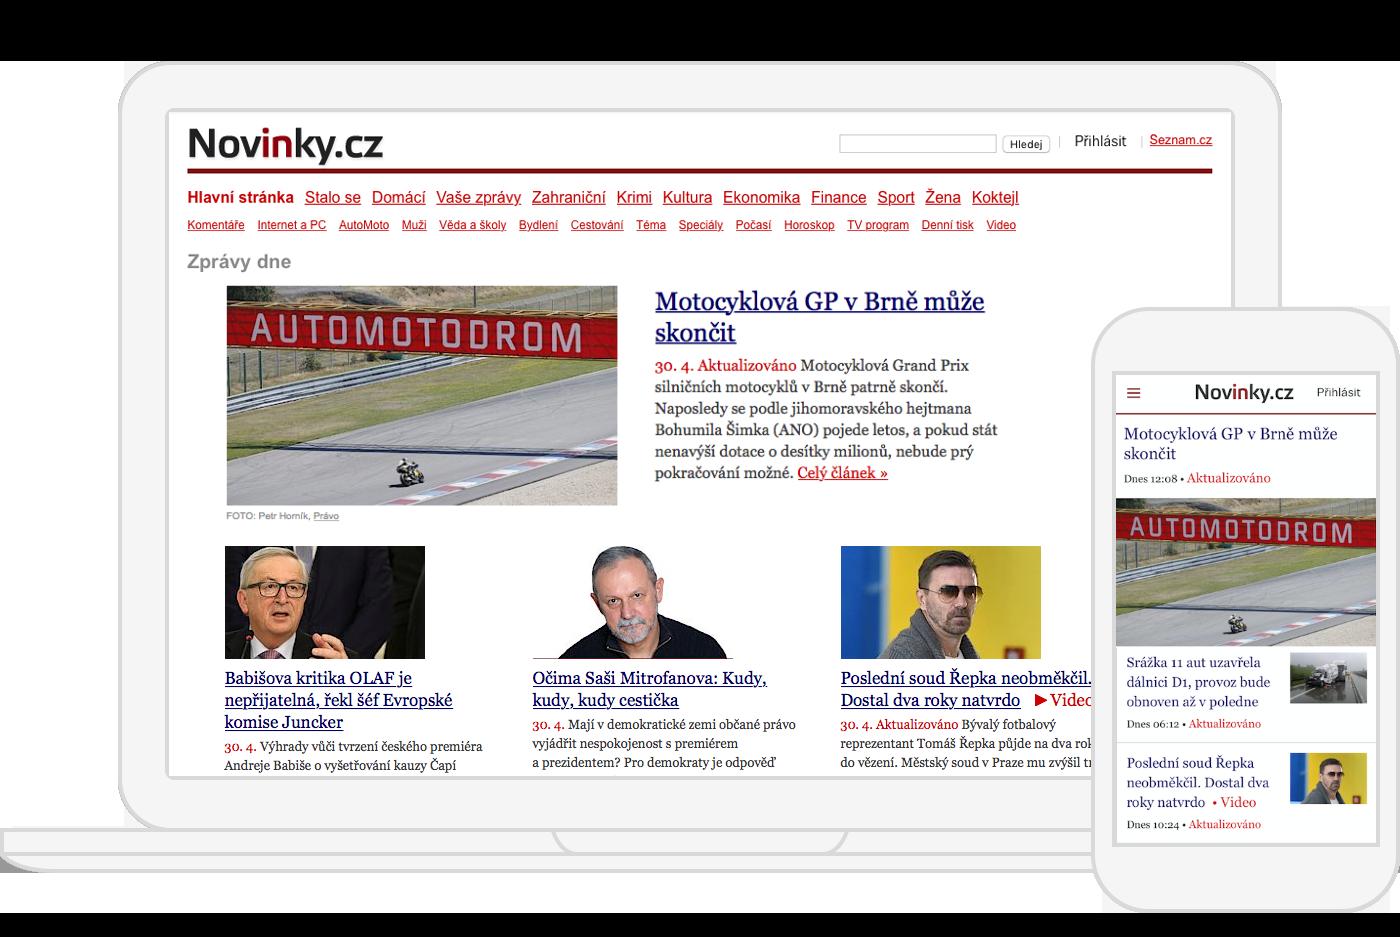 Ukázka úvodní stránky Novinky.cz.